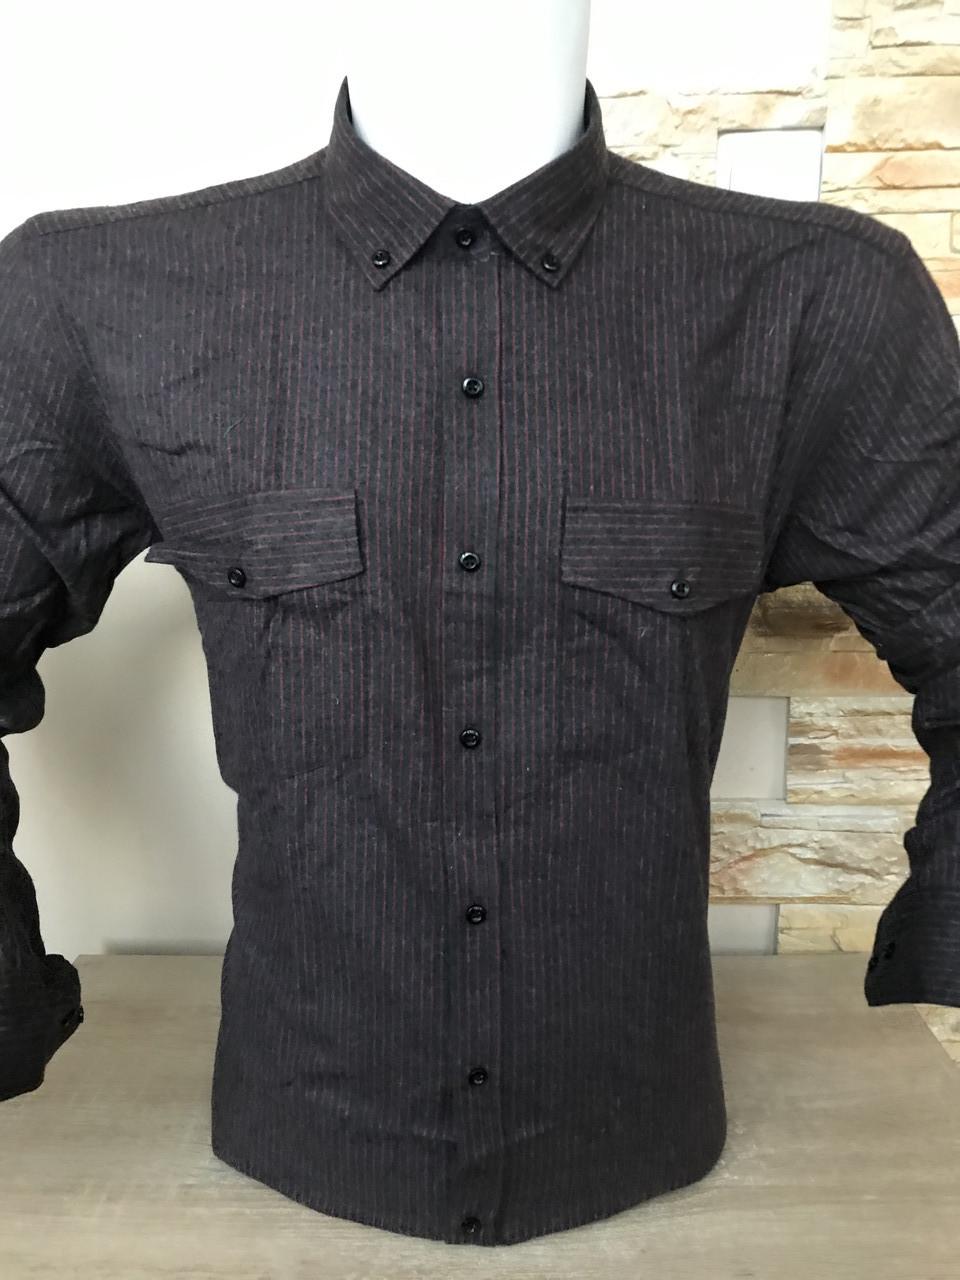 АКЦИЯ!!! Мужская рубашка кашемир Palmen в полоску